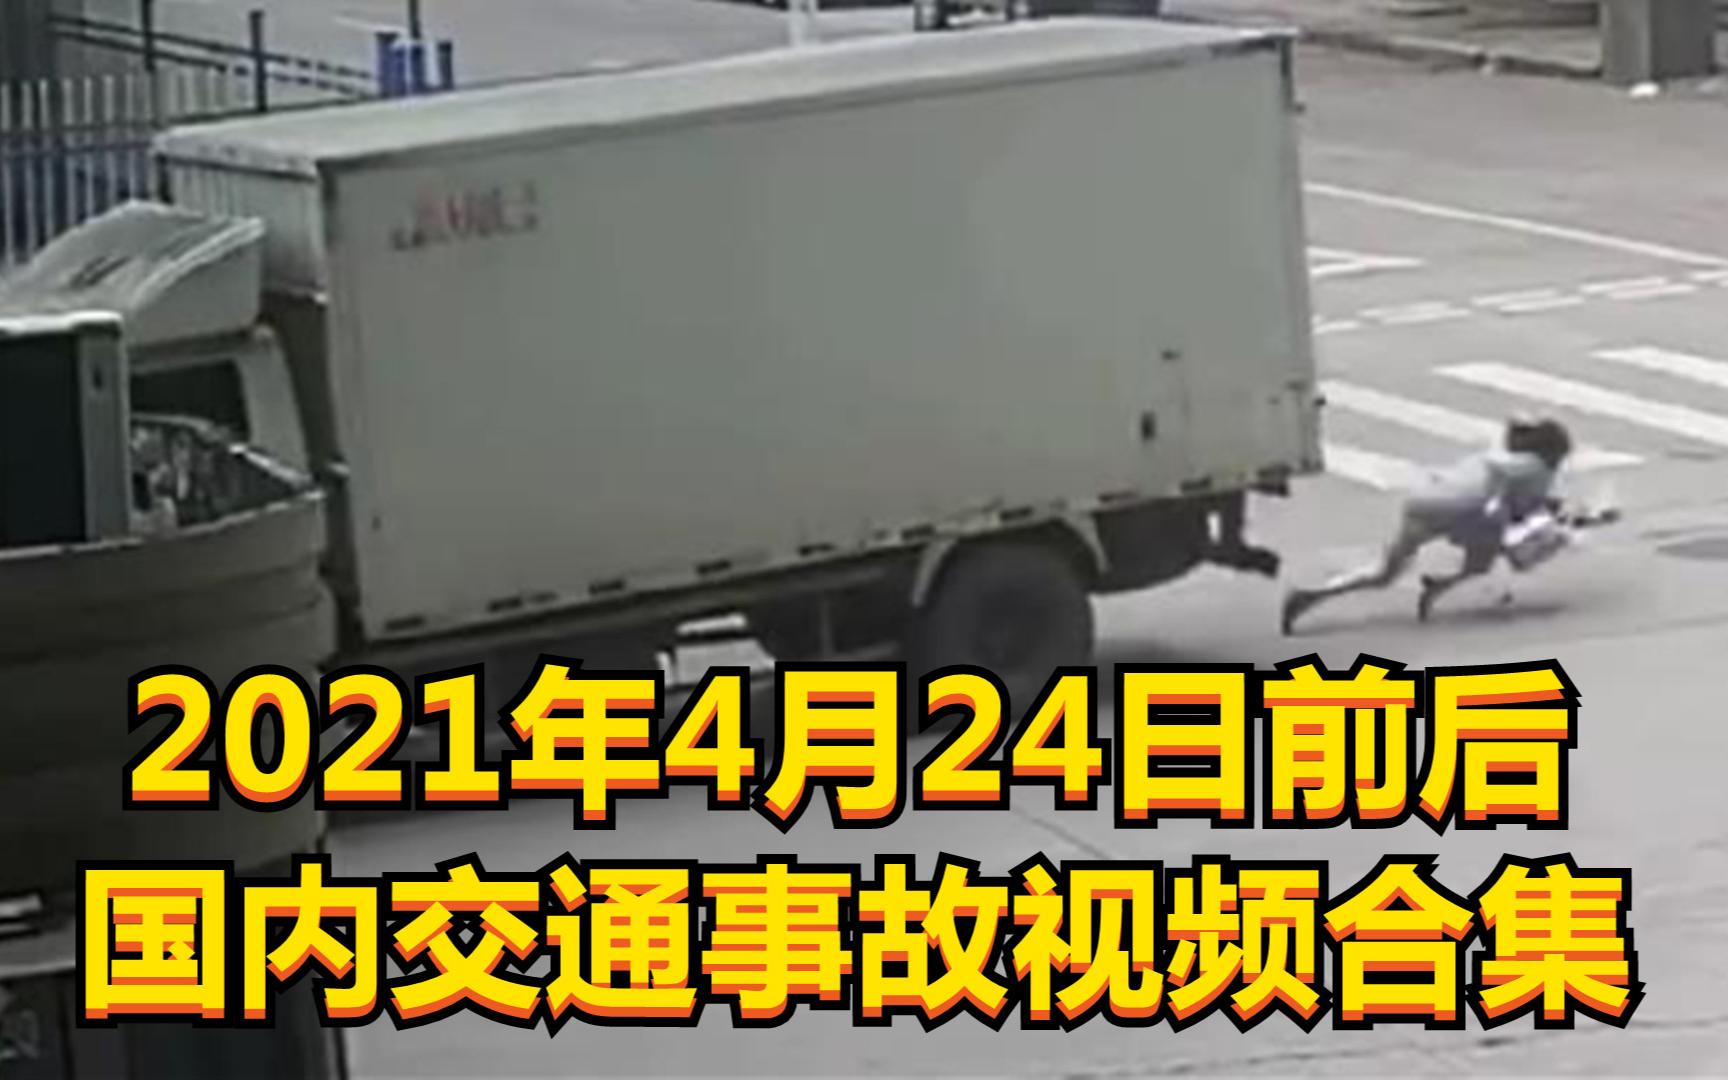 2021年4月24日前后国内交通事故视频合集